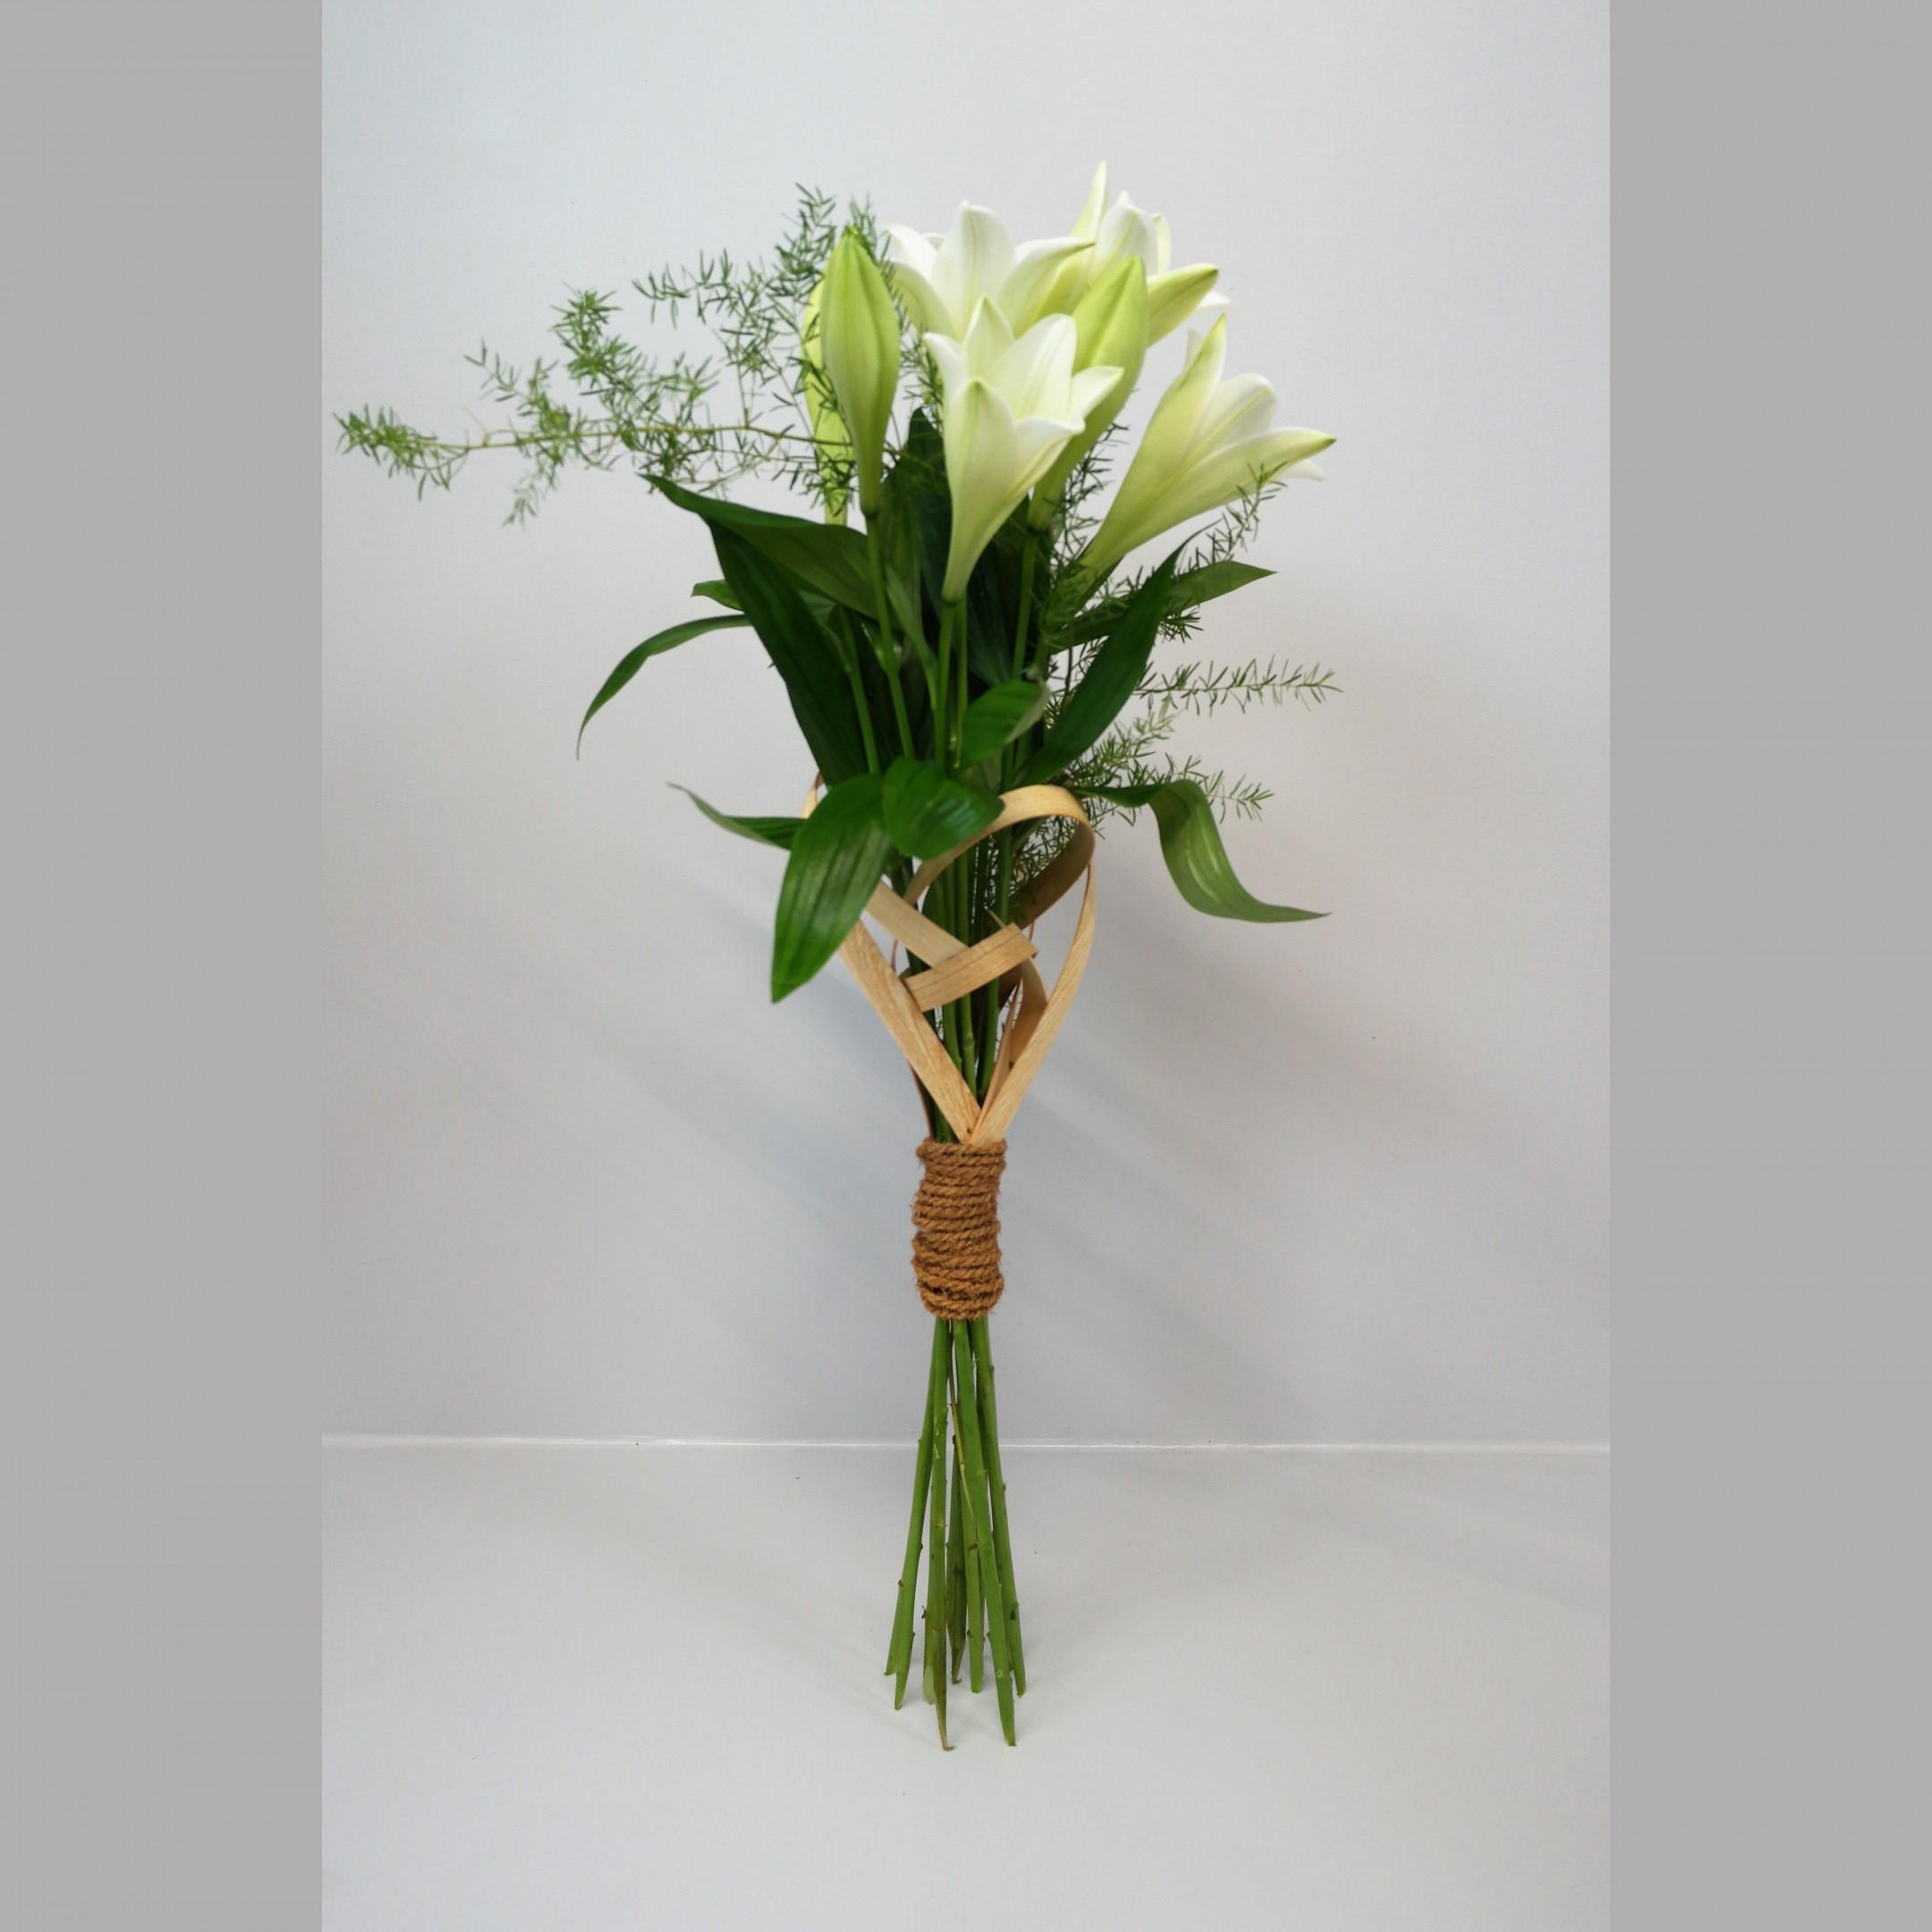 Grabstrauß mit Lilien Bild 1